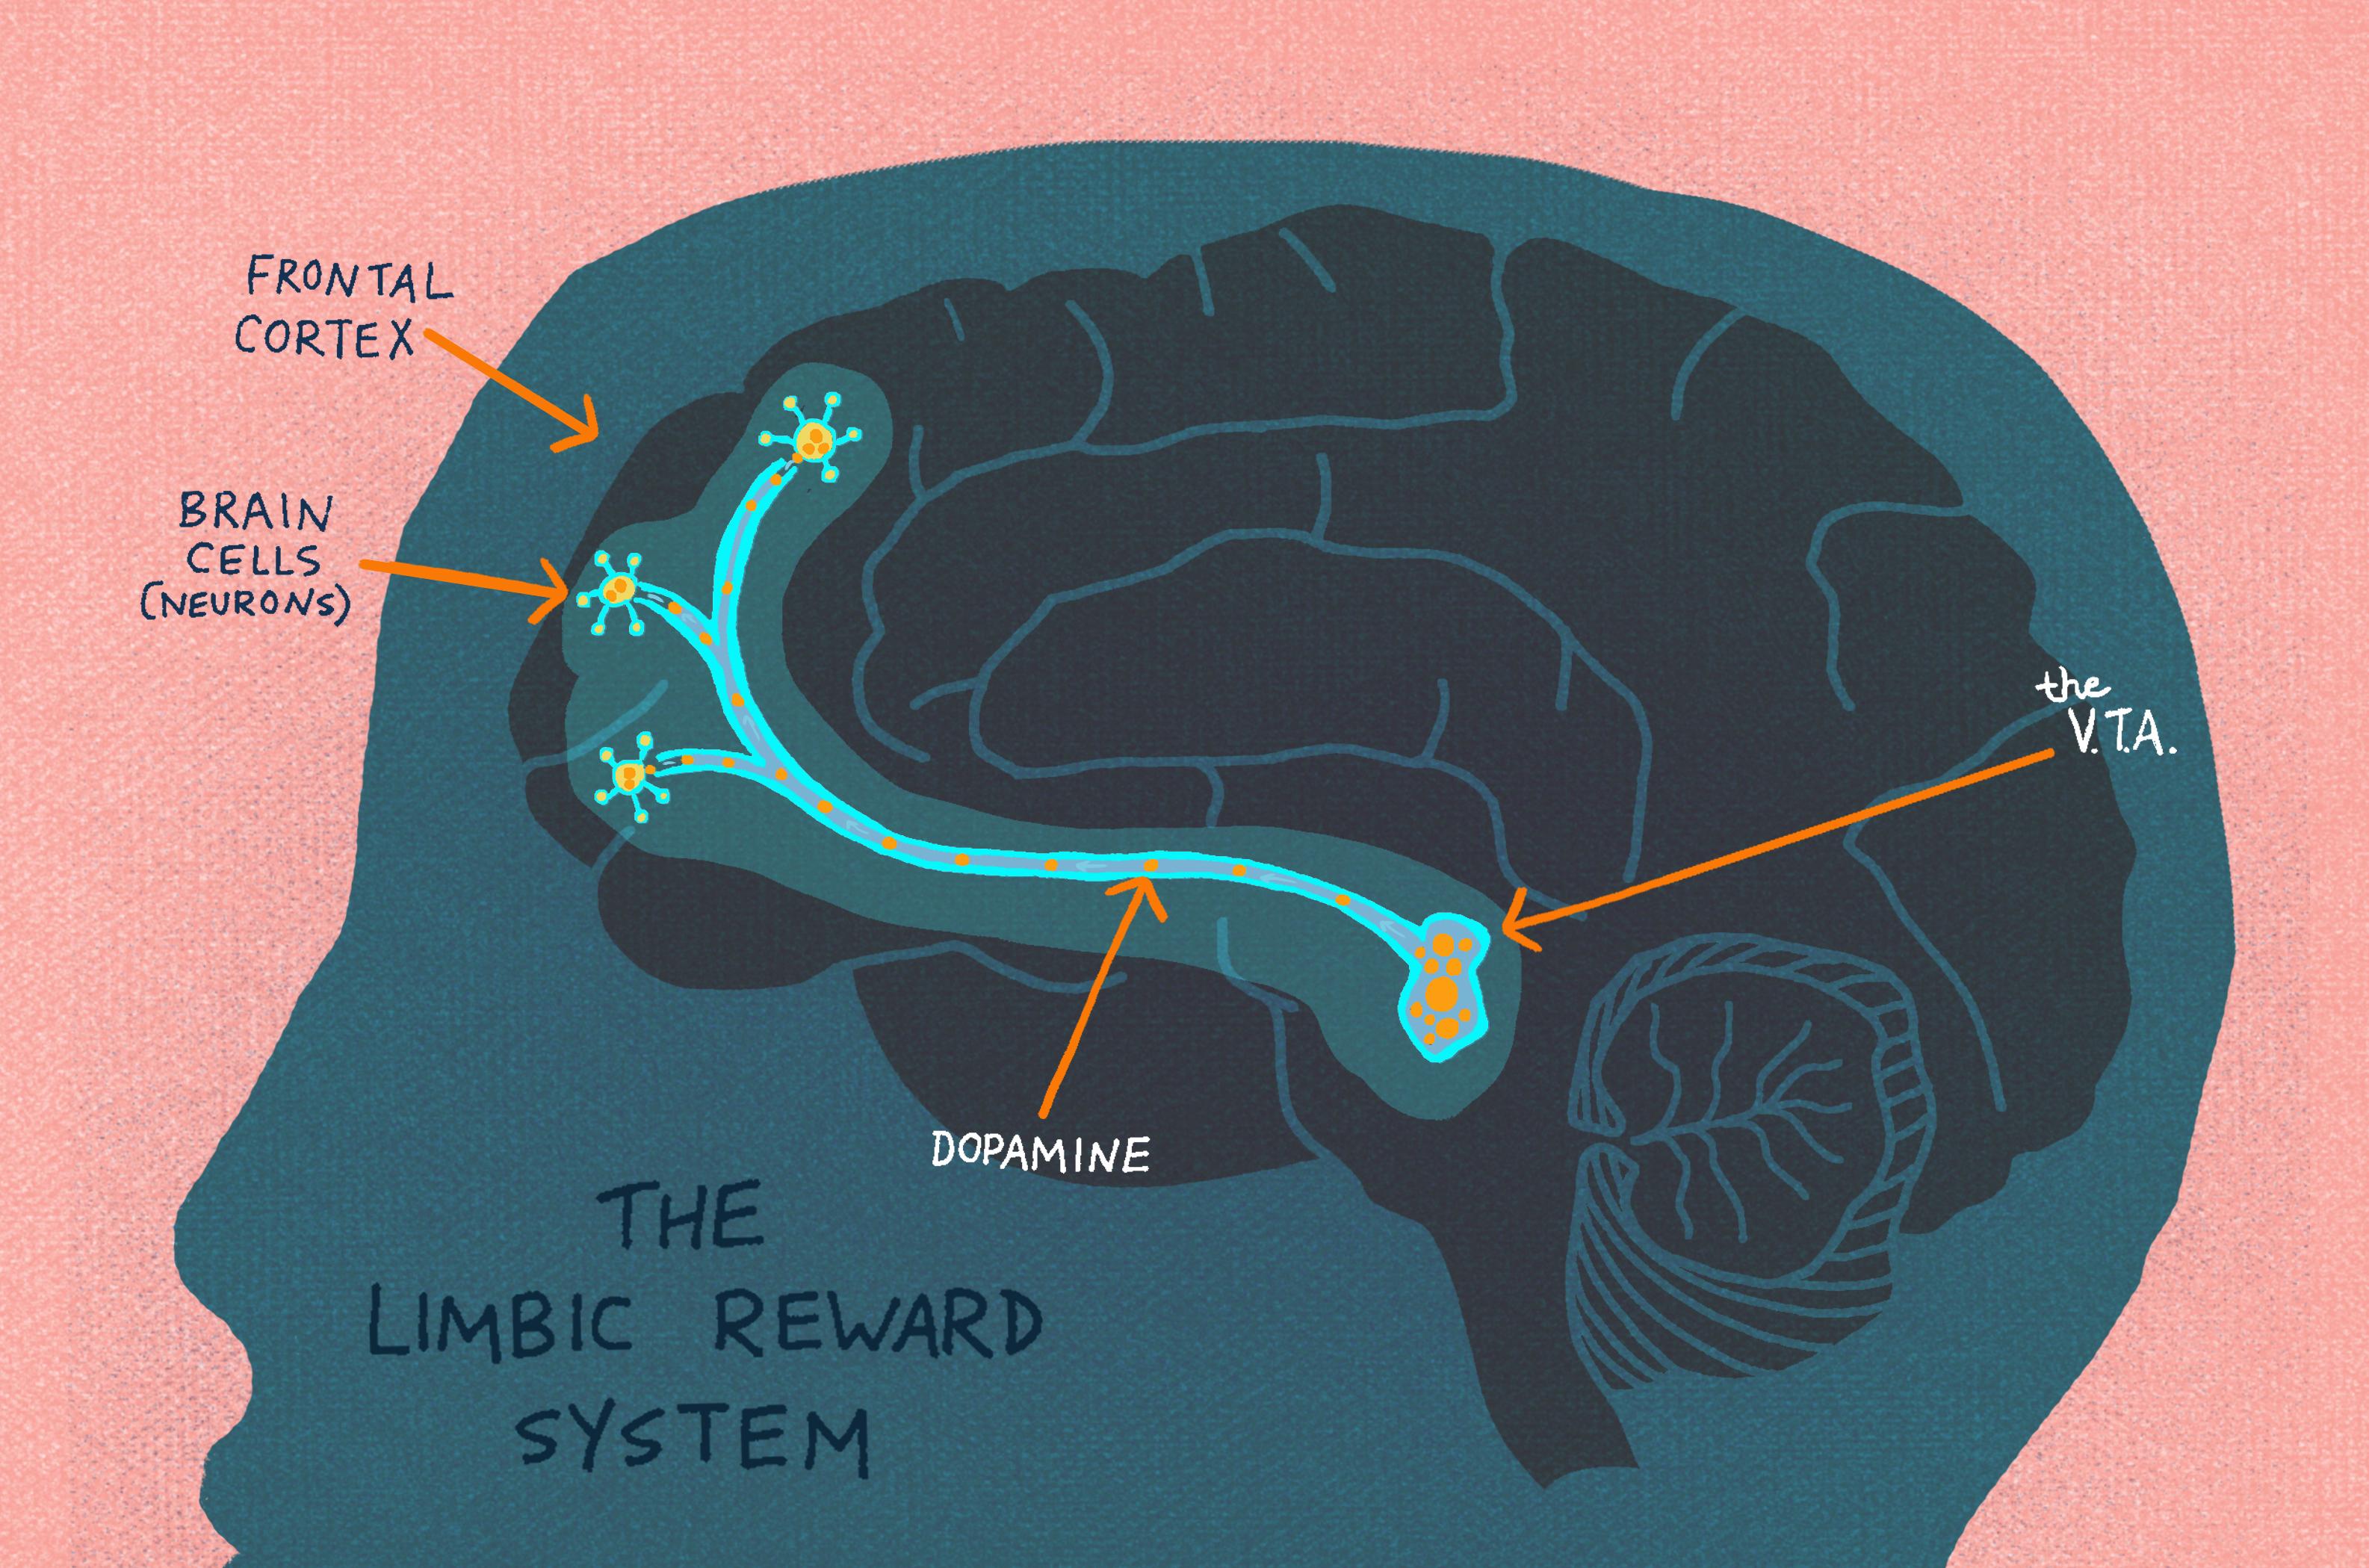 3 Win Nobel Prize In Medicine For Discovering Brain's ...